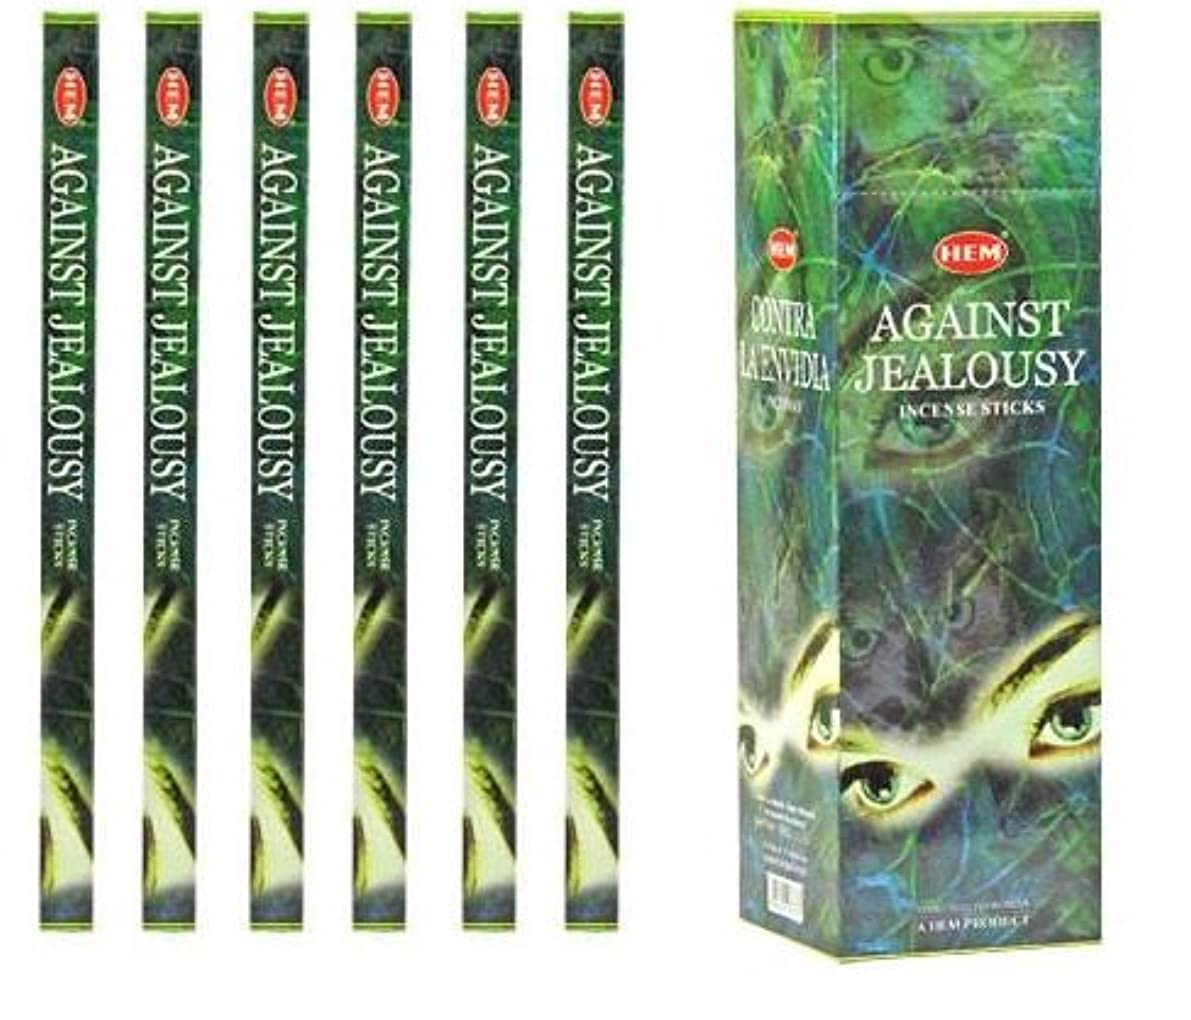 フェデレーション隠すセンサーインドHem Against Jealousy Incense 6パックX 8スティック、Wicca Pagan 8 Gm正方形ボックス